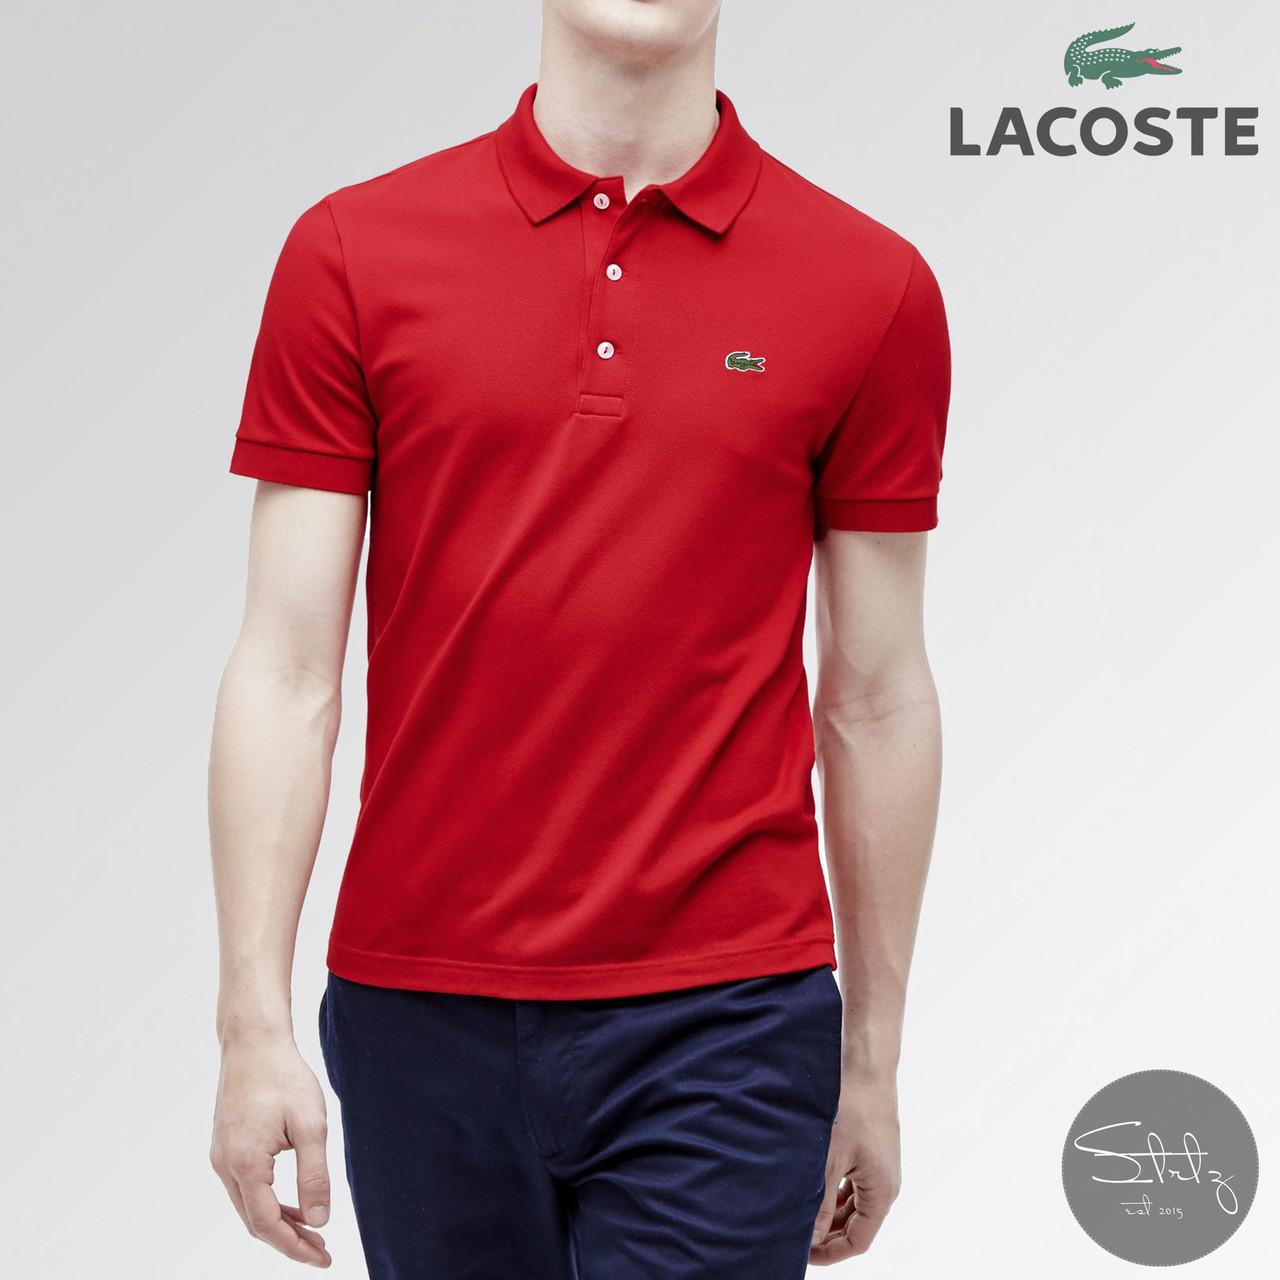 Мужская футболка поло Lacoste (red), красное мужское поло Лакосте